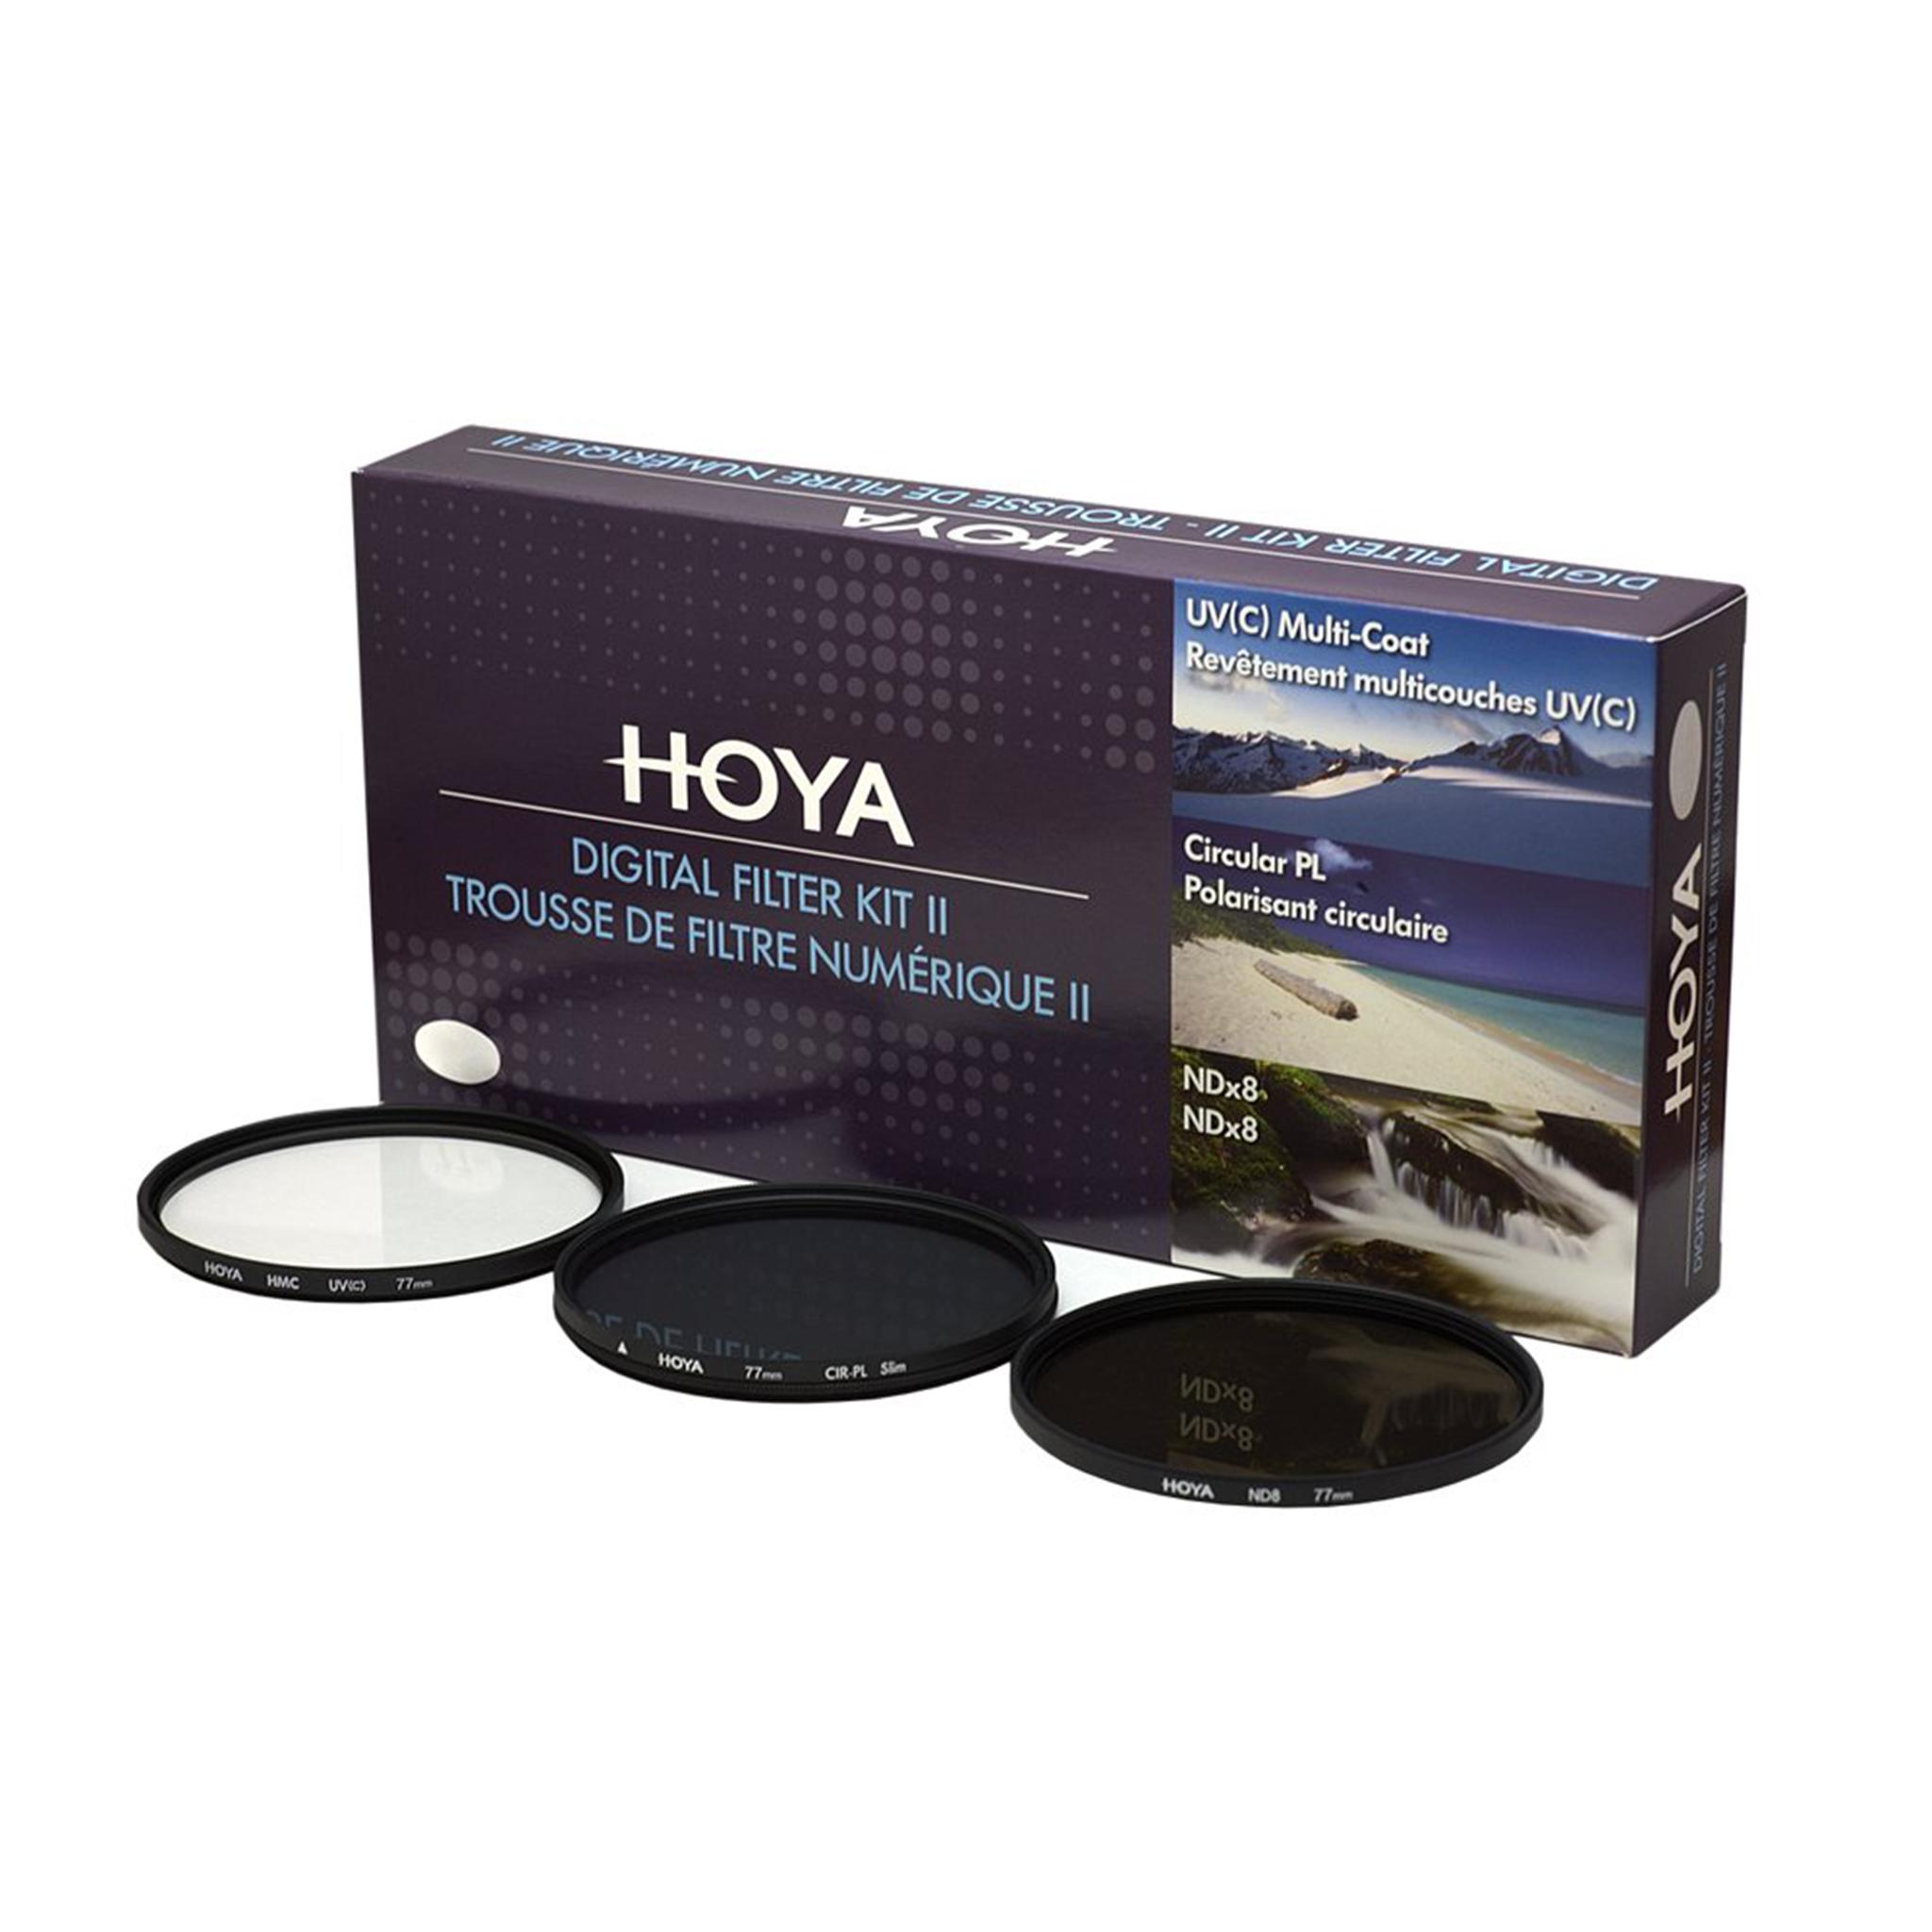 Hoya_filters